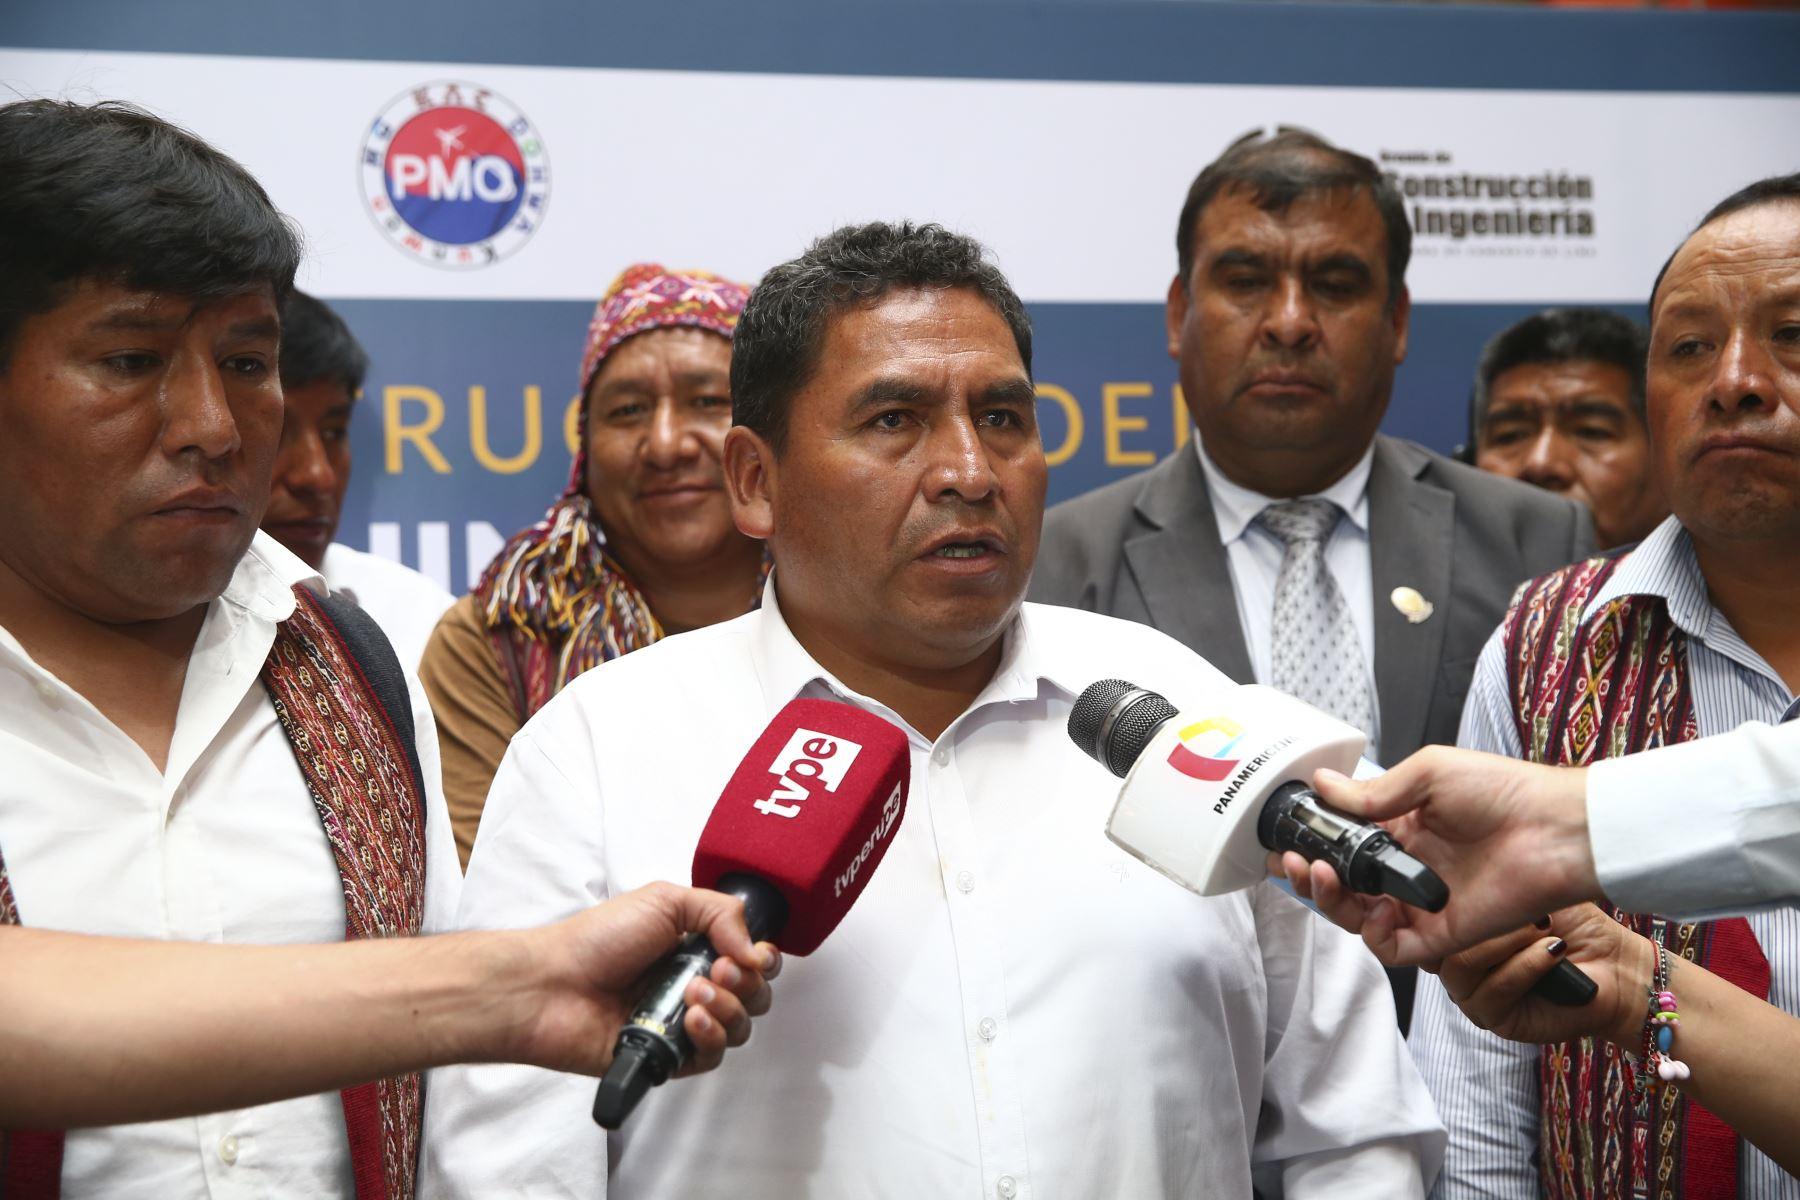 Luis Cusicuna Quispe, alcalde distrital de Chinchero, declara a la prensa durante la presentación del proyecto de construcción del Aeropuerto Internacional de Chinchero - Cusco. ANDINA/Jhonel Rodríguez Robles